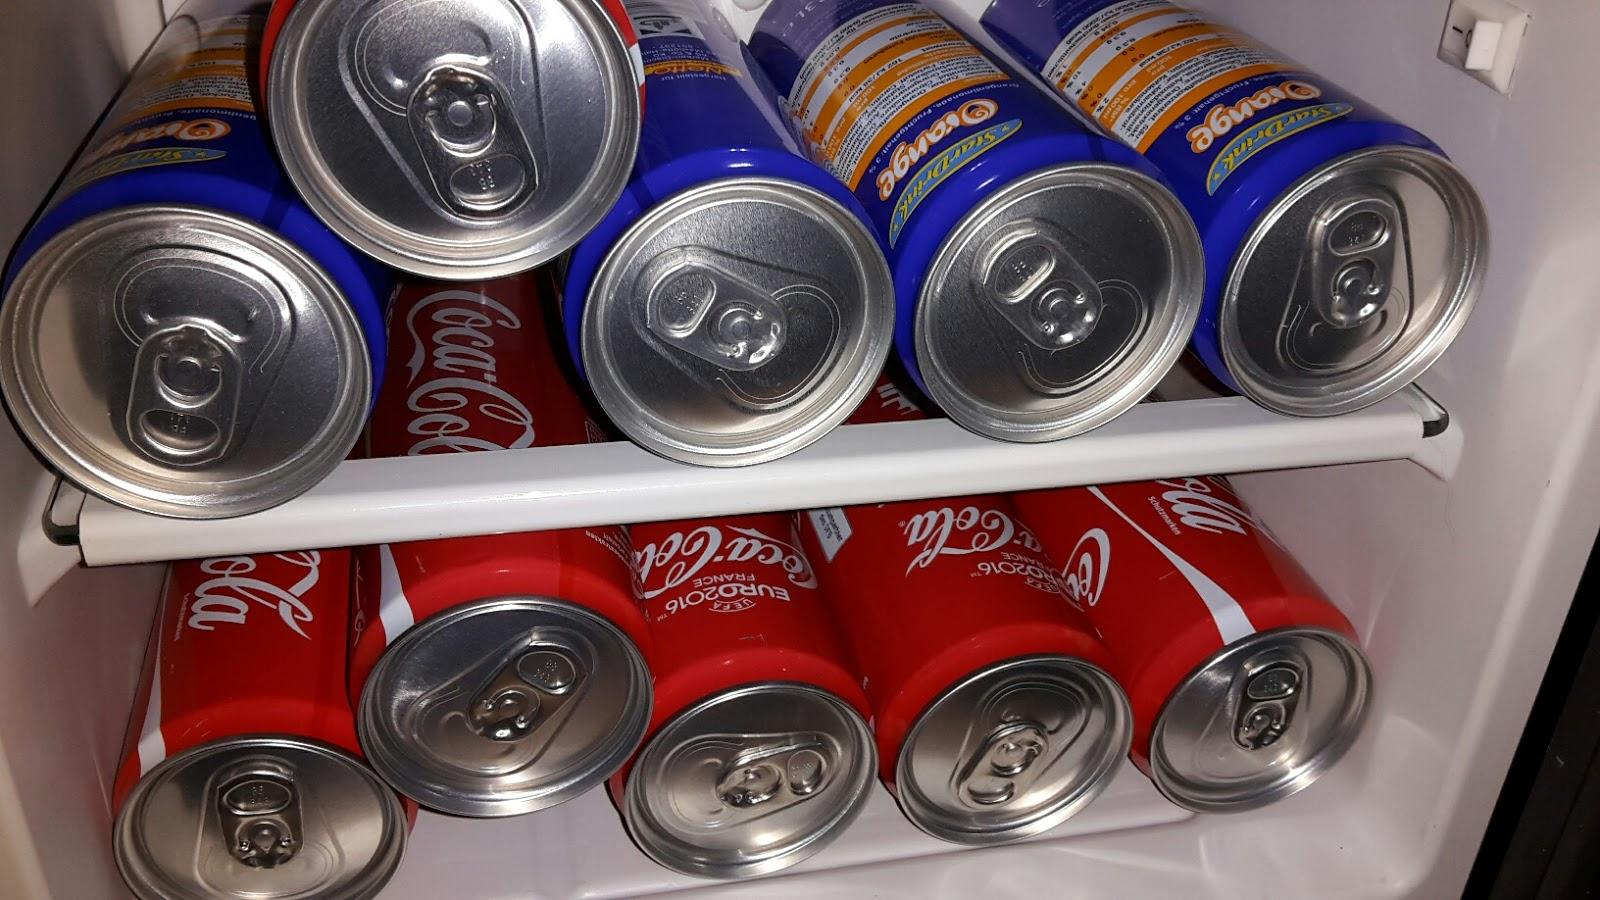 Mini Kühlschrank Mit Temperaturregelung : Die besten mini kühlschränke test auf bestadvisor